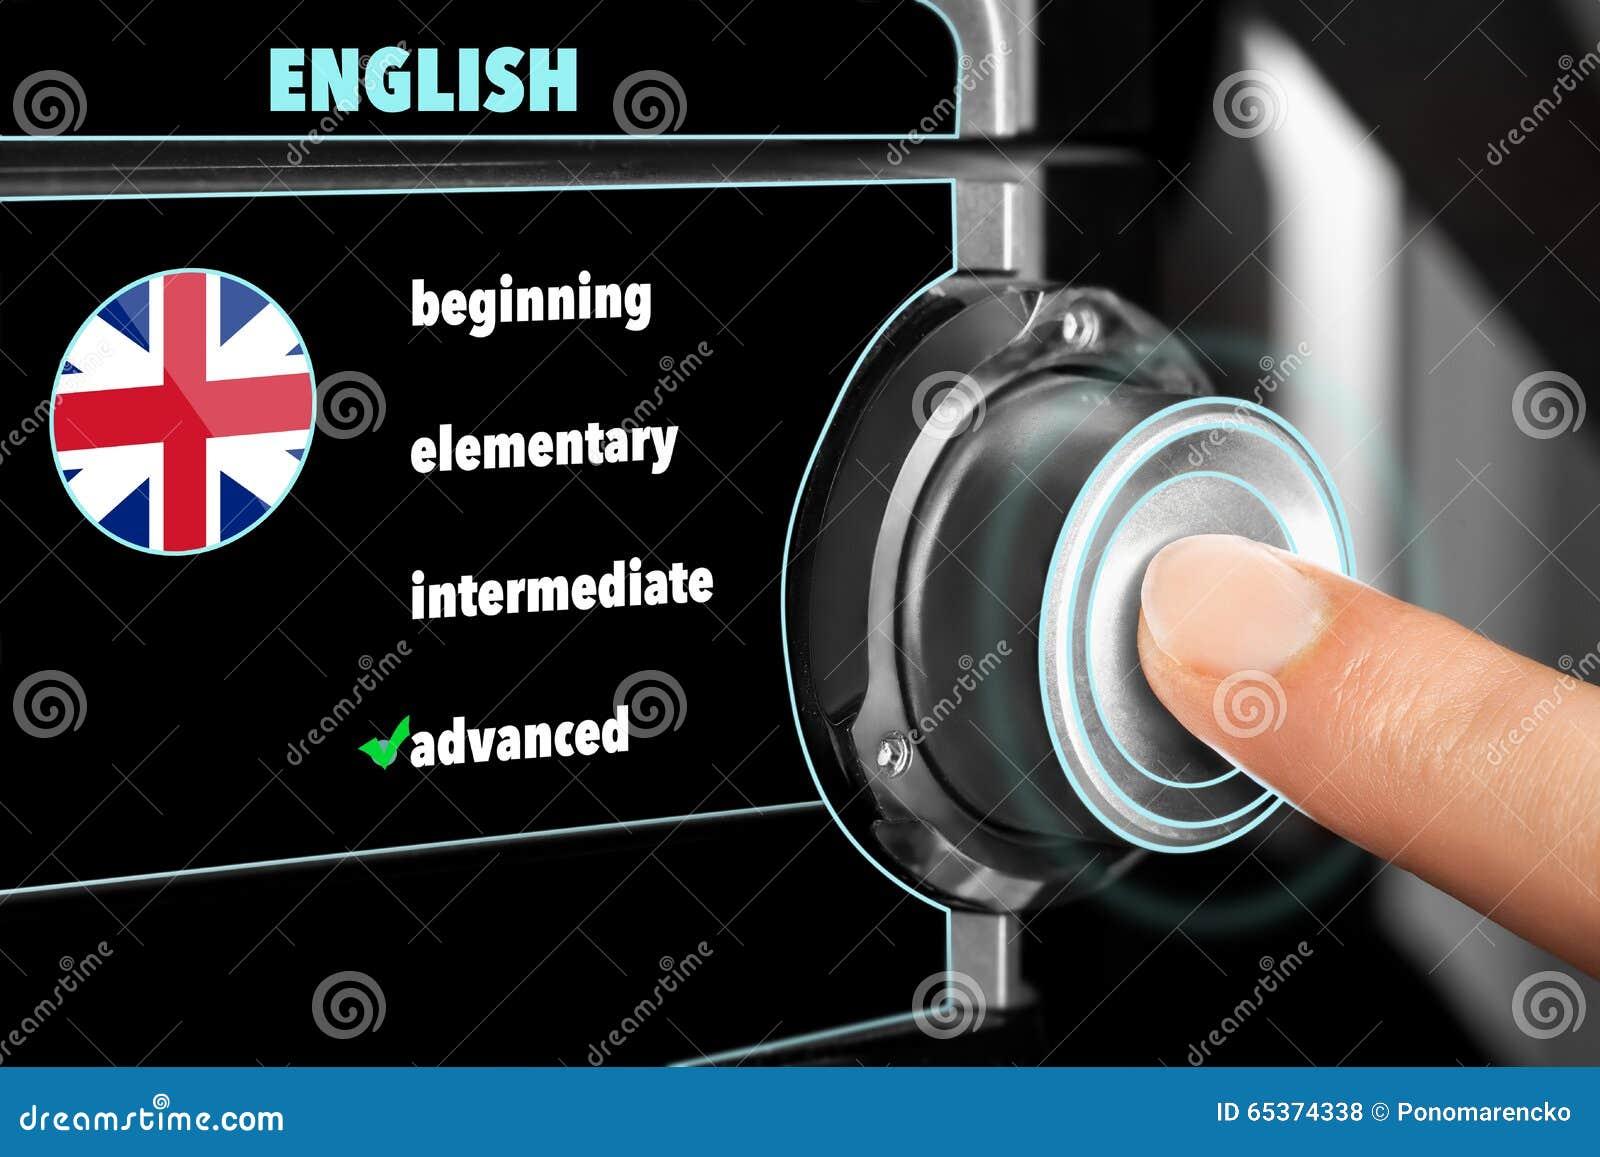 De mens kiest een geavanceerd niveau van kennis van Engelse langua